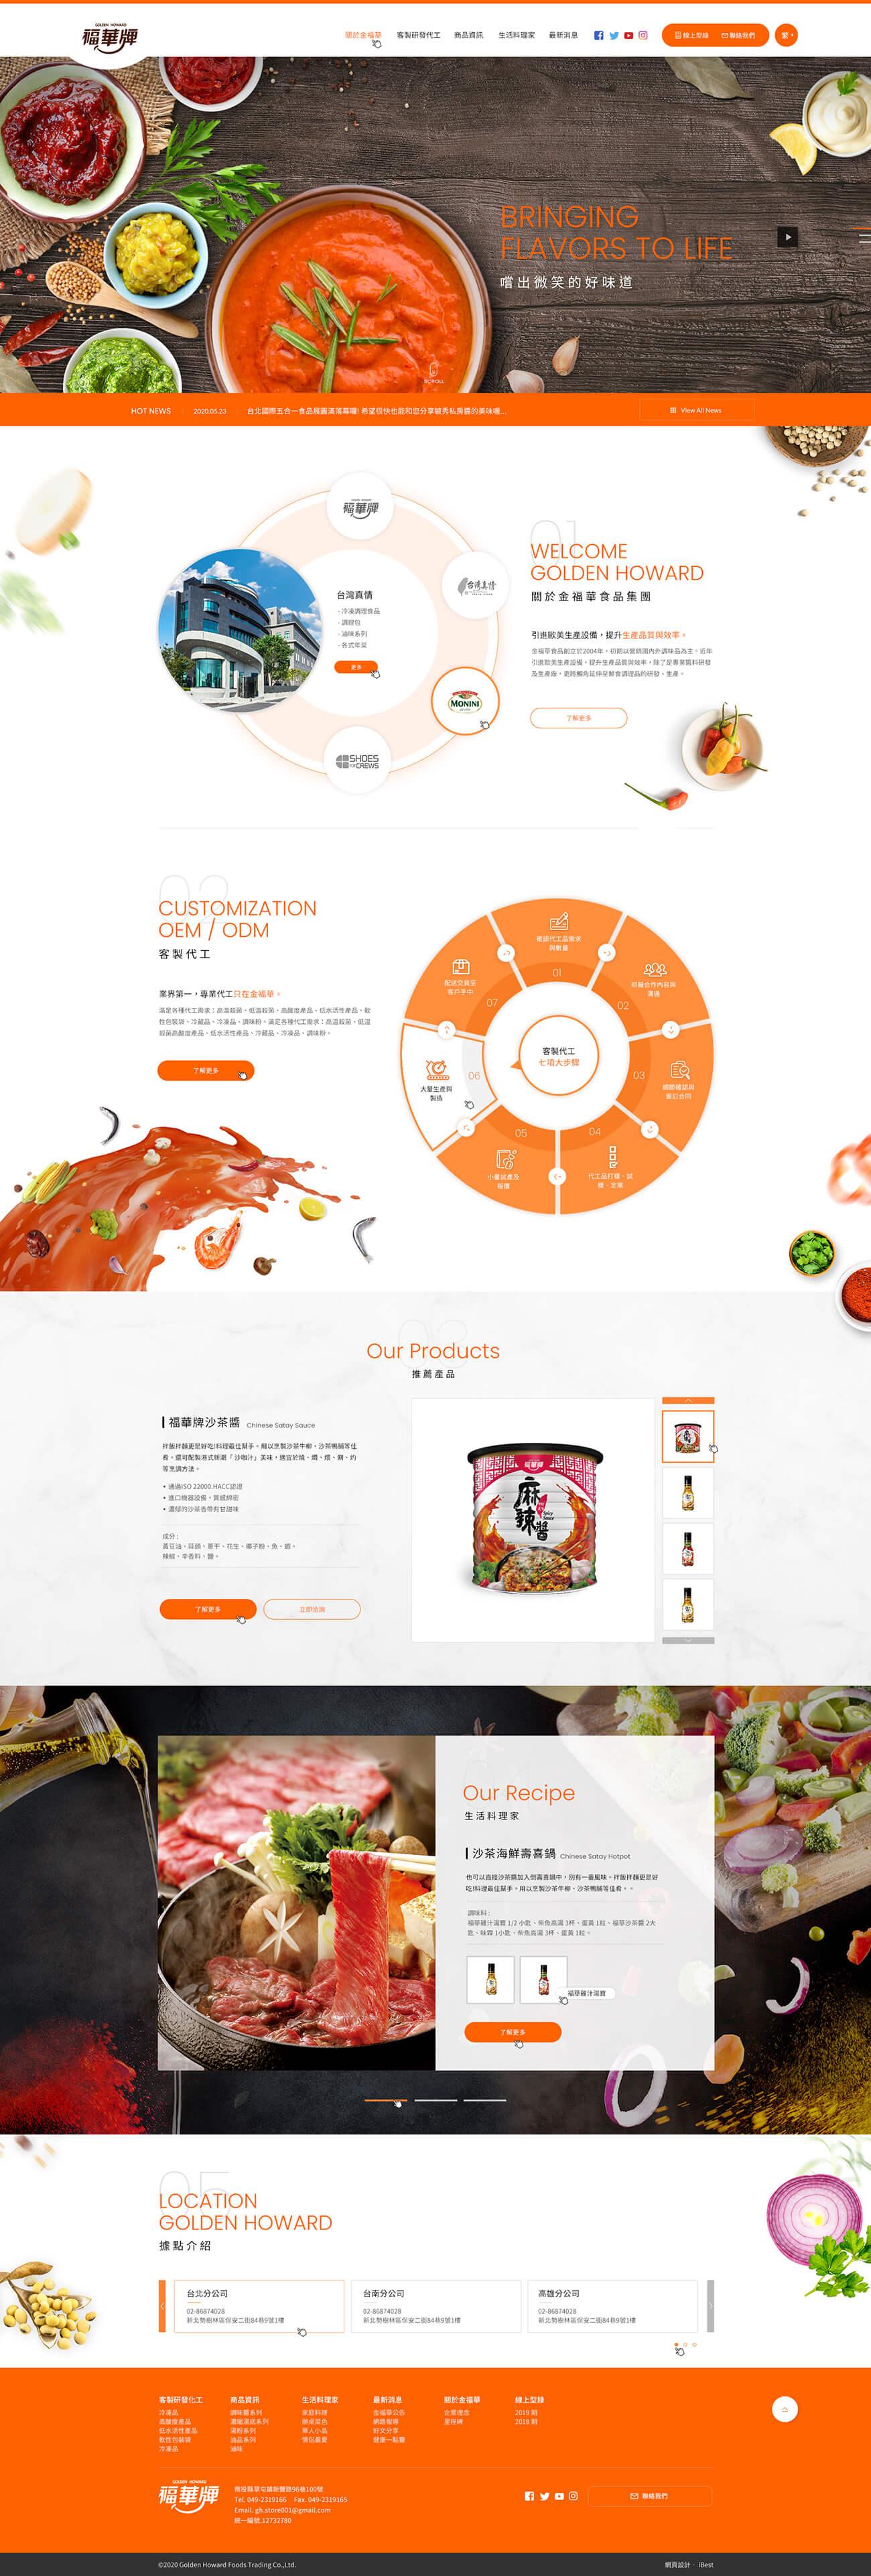 金福華食品-網頁設計